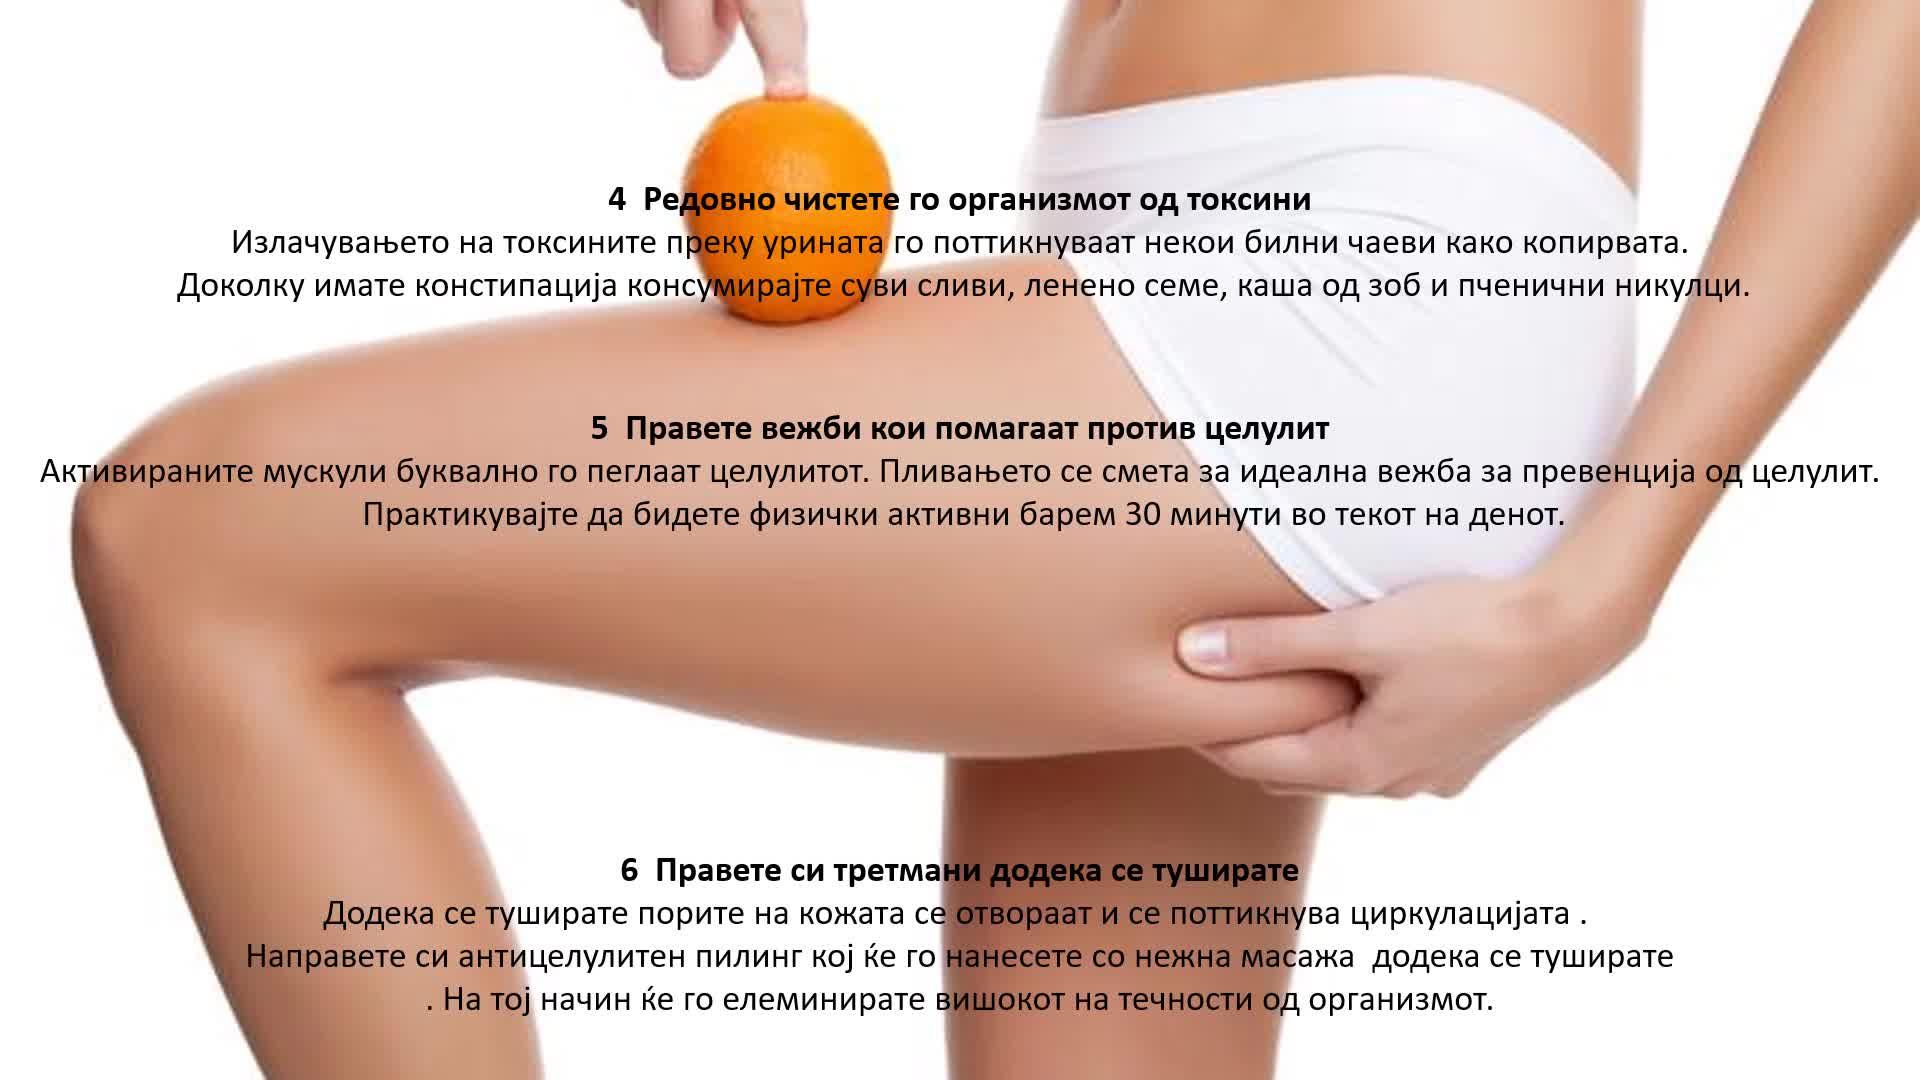 10 Чекори за намалување на целулитот